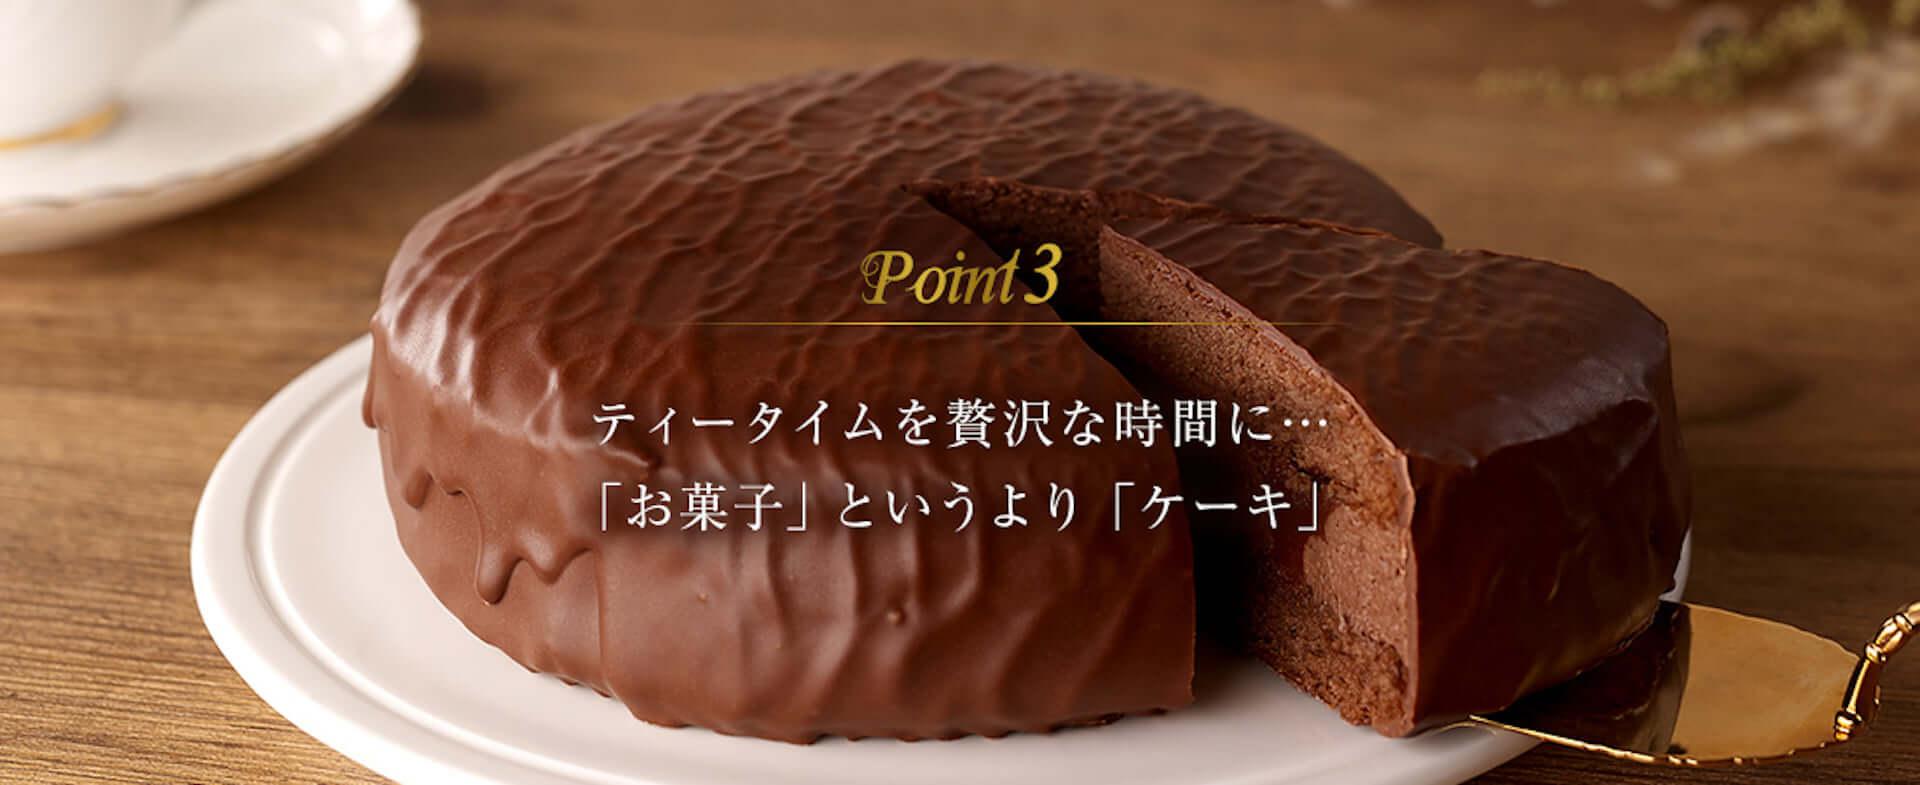 ロッテから「冬のチョコパイ」史上最重量のホールケーキが登場!1,000個限定の新商品『スペシャリテ』が発売決定 gourmet201117_chocopie_2-1920x785